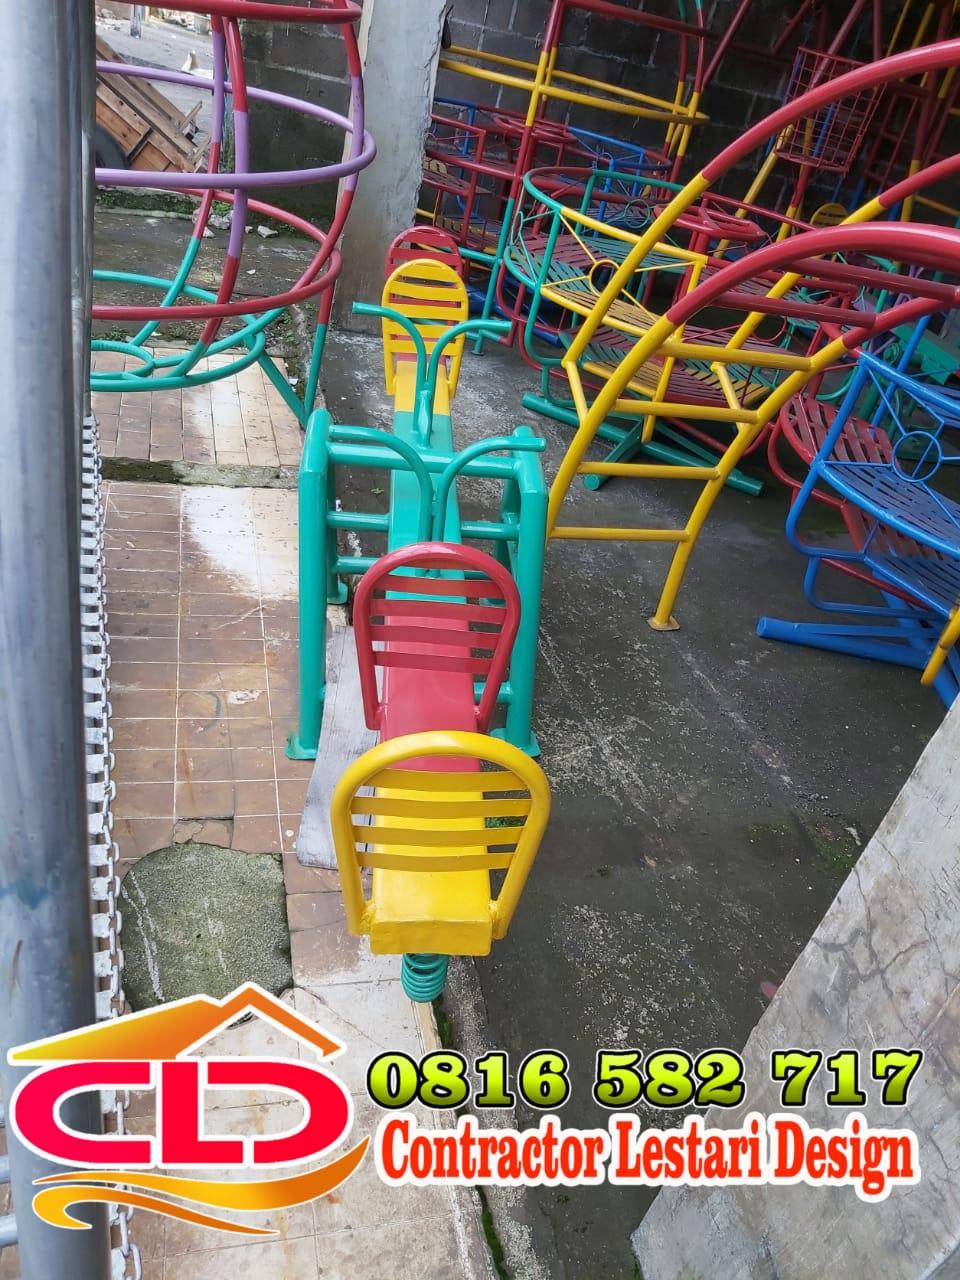 distributor playground surabaya,distributor playground sulawesi,distributor playground malang